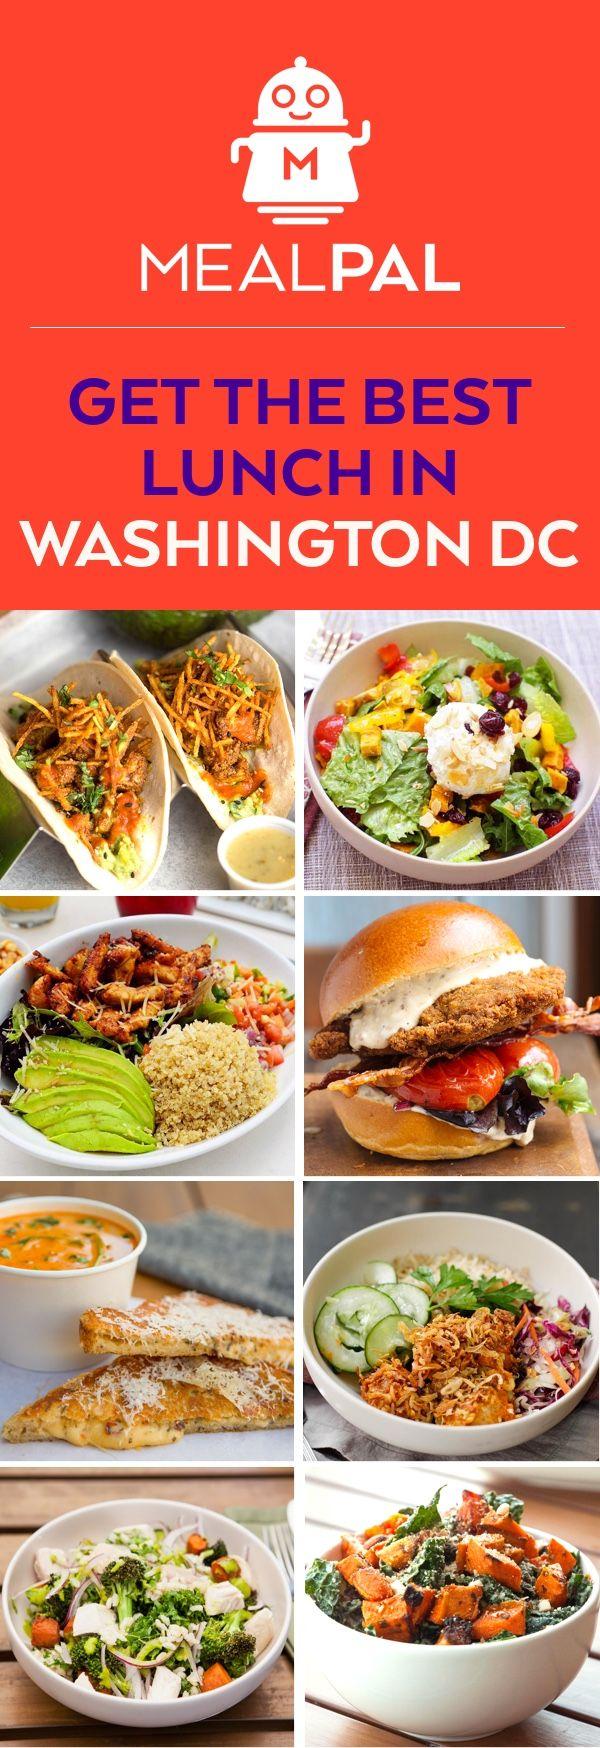 We partner with 75 restaurants in DC